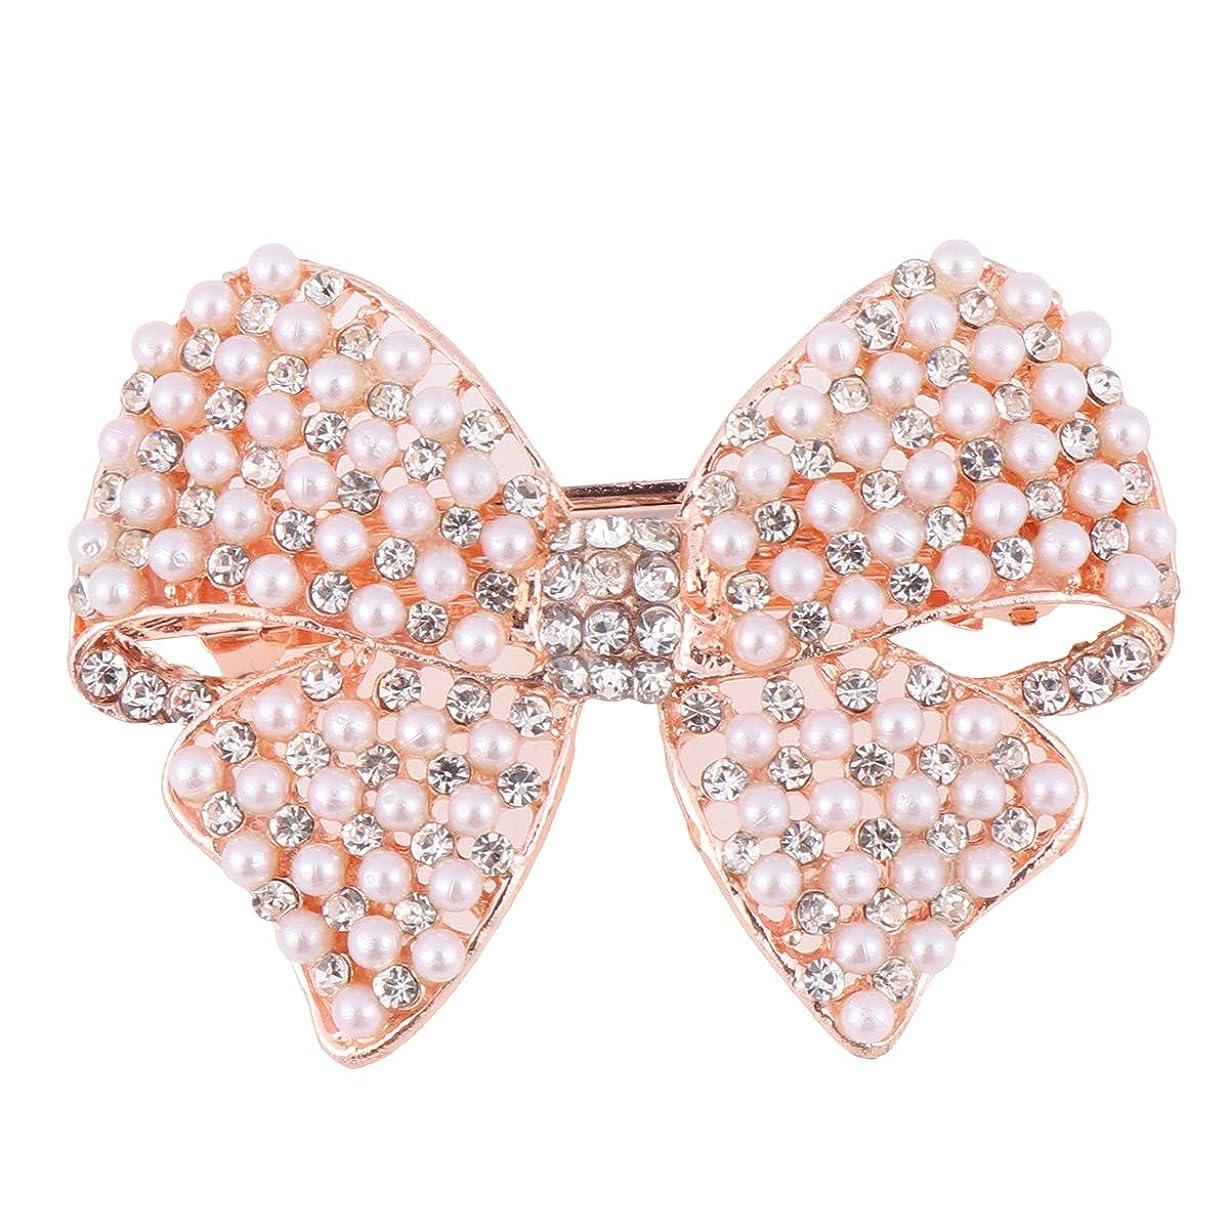 信頼退屈させるオリエントBeaupretty 女性のための真珠の弓のヘアクリップラインストーンヘアピンヘッドドレスバレッタちょう結び